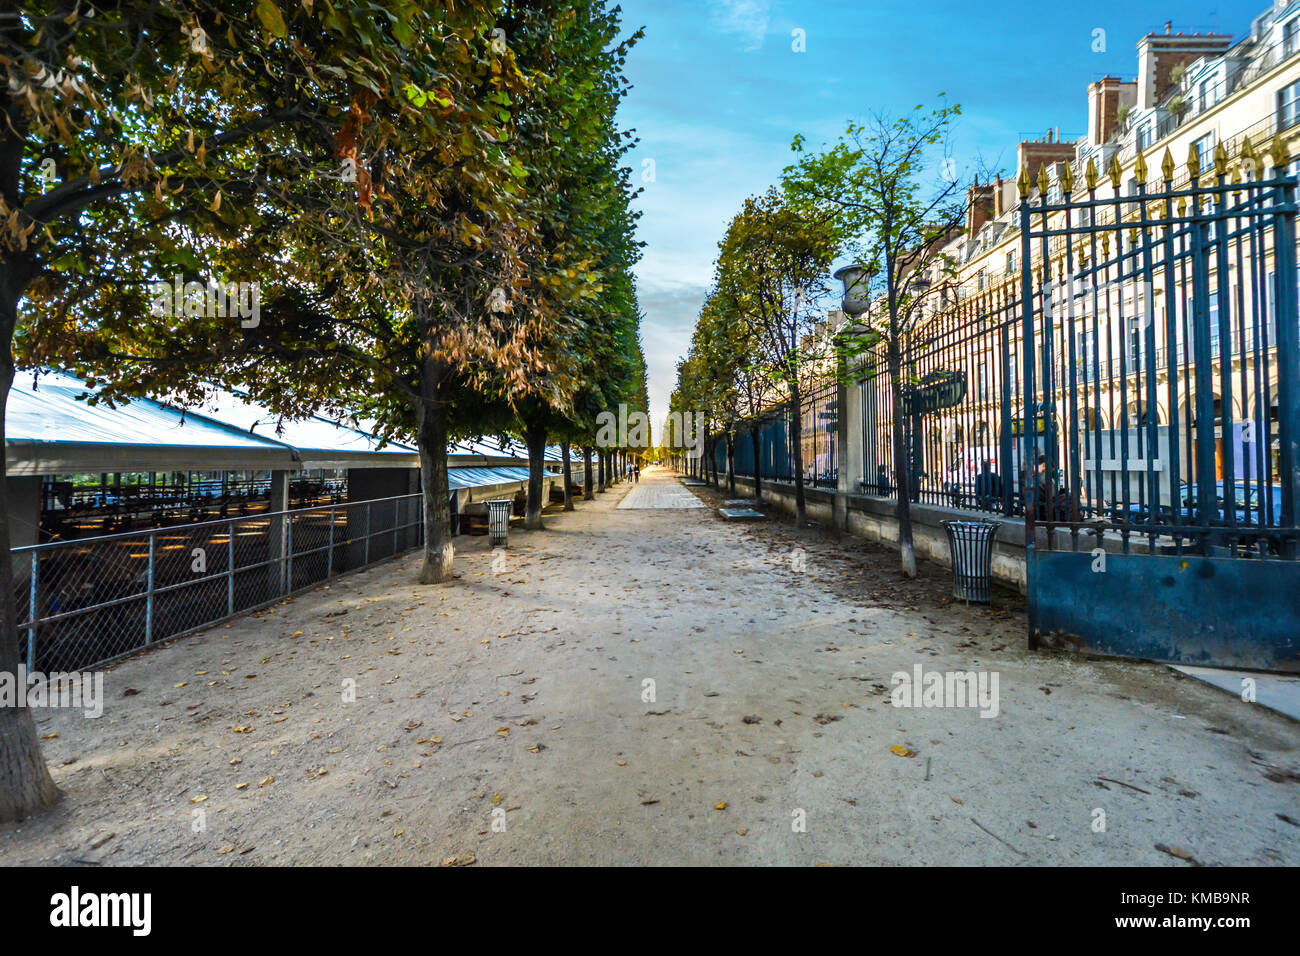 La puerta de entrada a los Jardines de las Tullerías, o el Jardín de las Tullerías en un soleado día de principios de otoño en París Francia Foto de stock